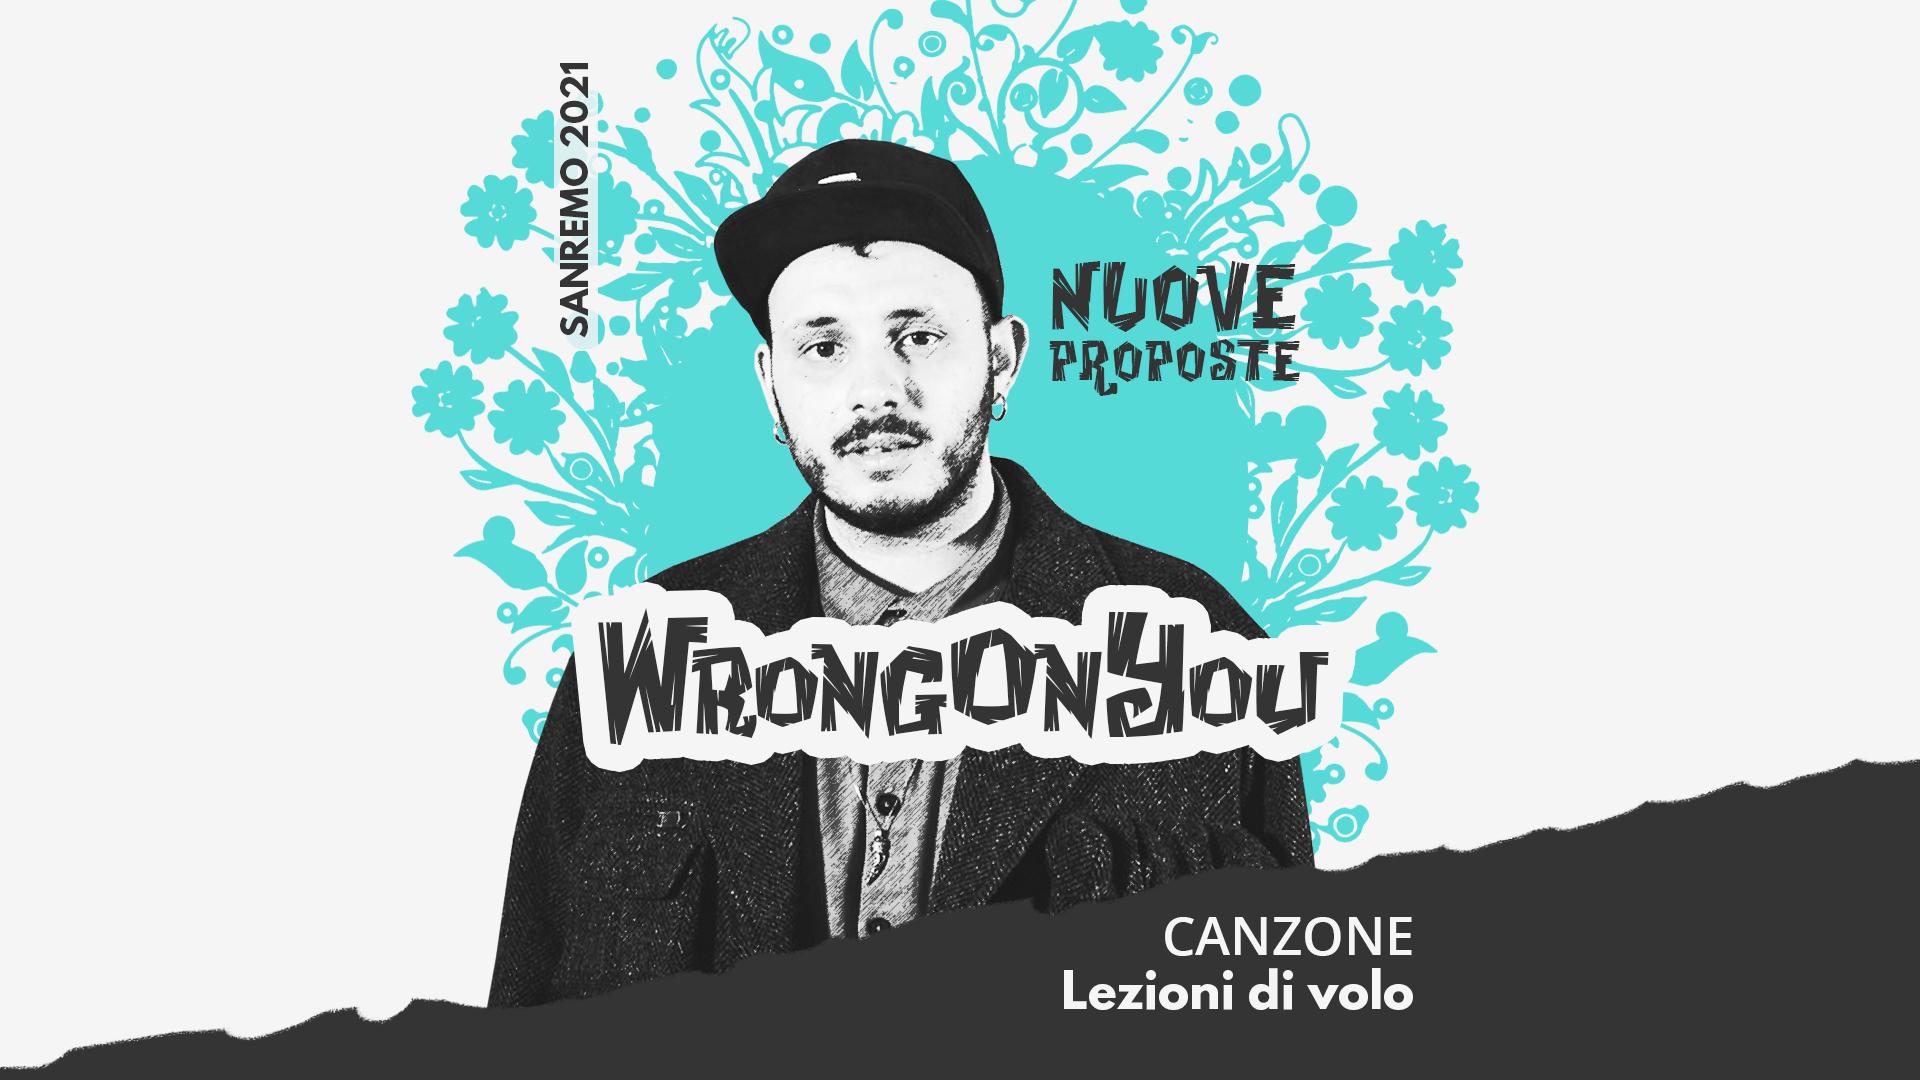 Sanremo 2021, Nuove proposte: Wrongonyou – Lezioni di volo